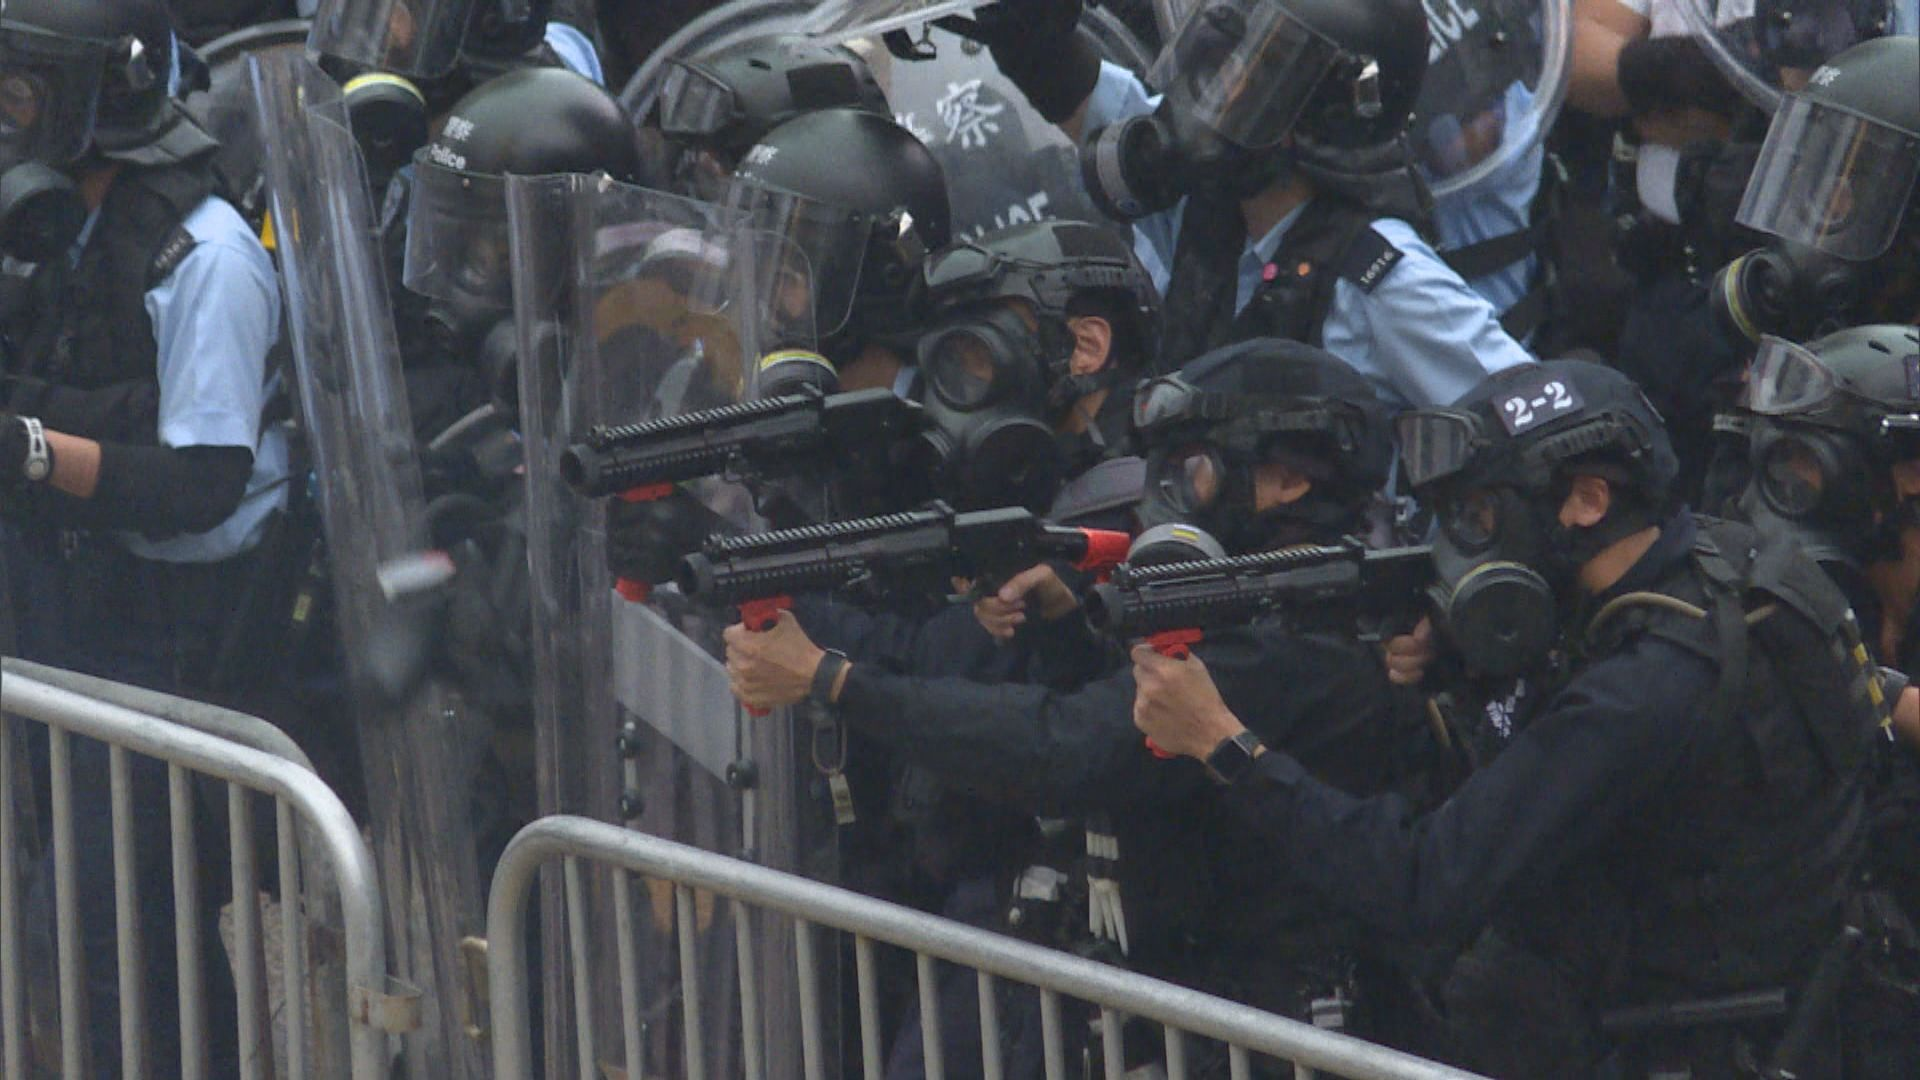 有市民入稟覆核速龍小隊無展示編號違反人權